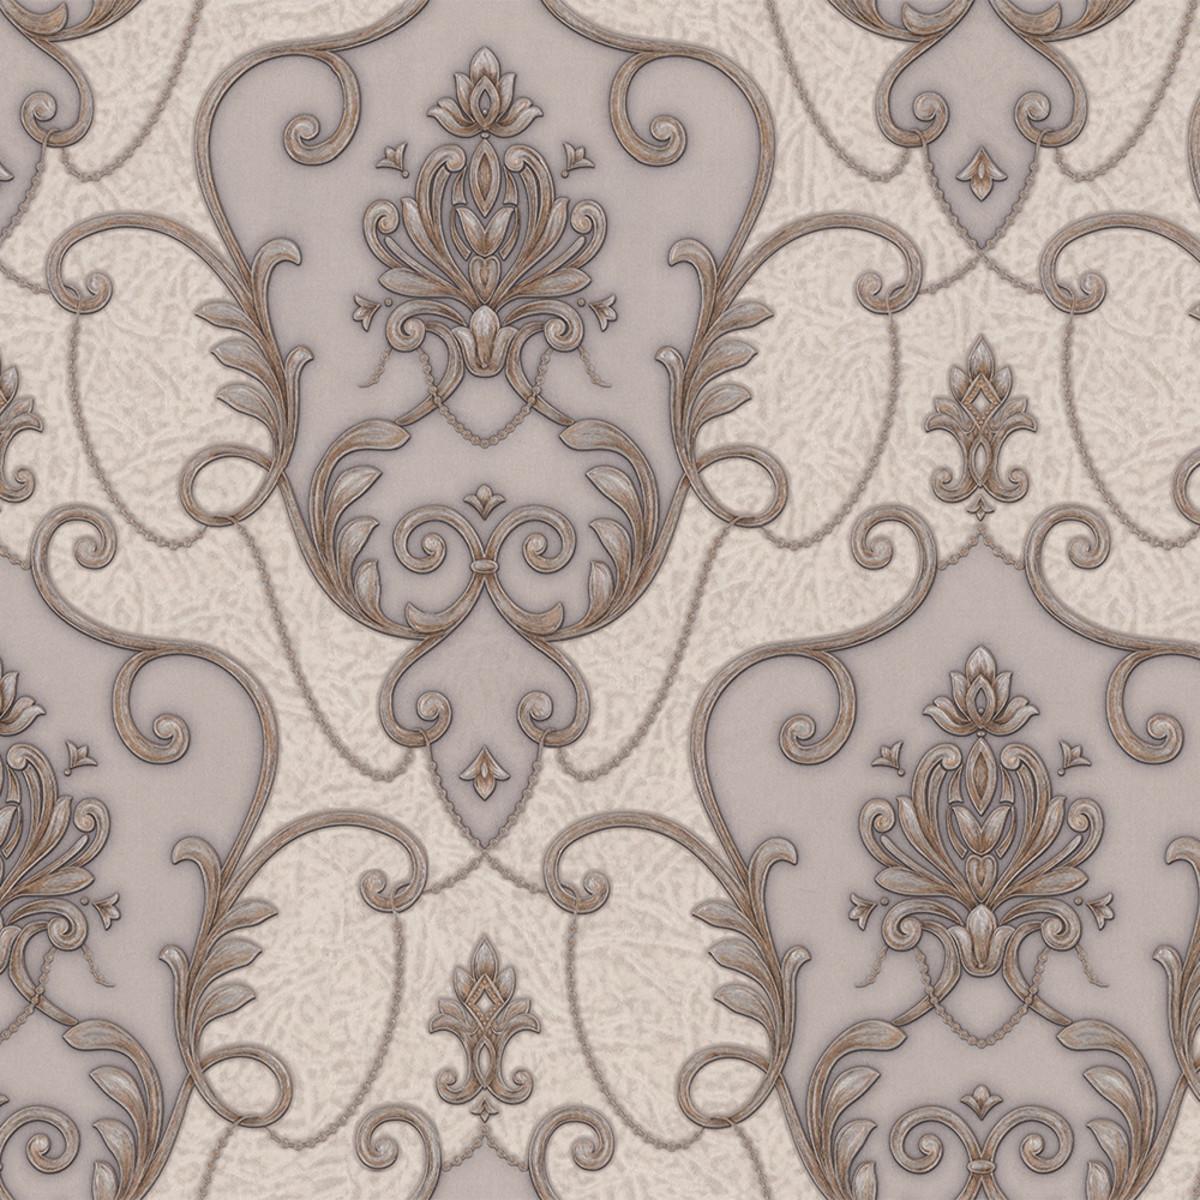 Обои флизелиновые ПАЛИТРА Corinf коричневые PL71509-28 1.06 м